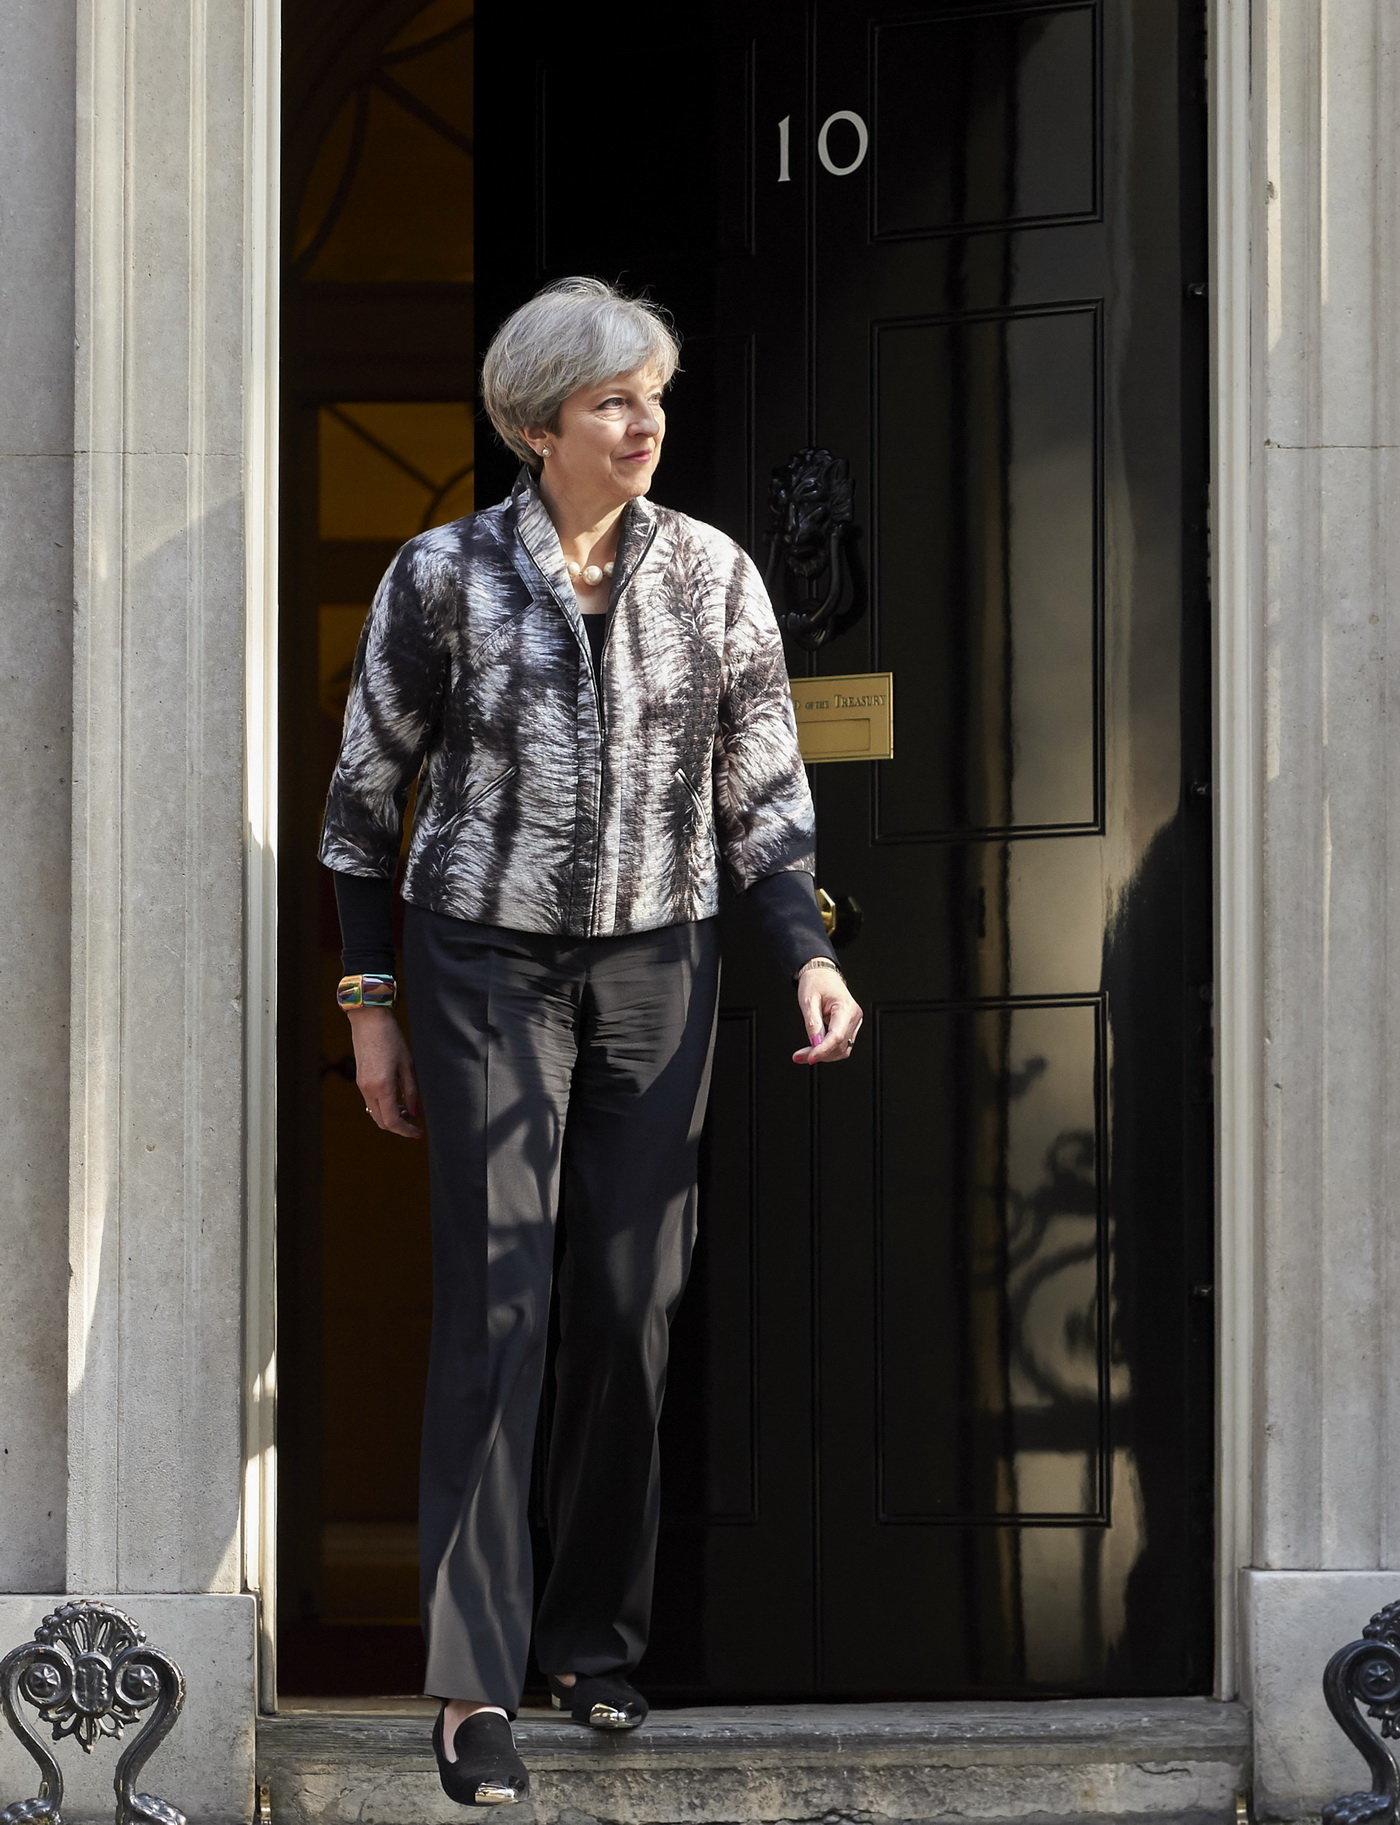 Brexit: Svržení Mayové? Odpůrci shánějí podpisy těžko - anotační obrázek